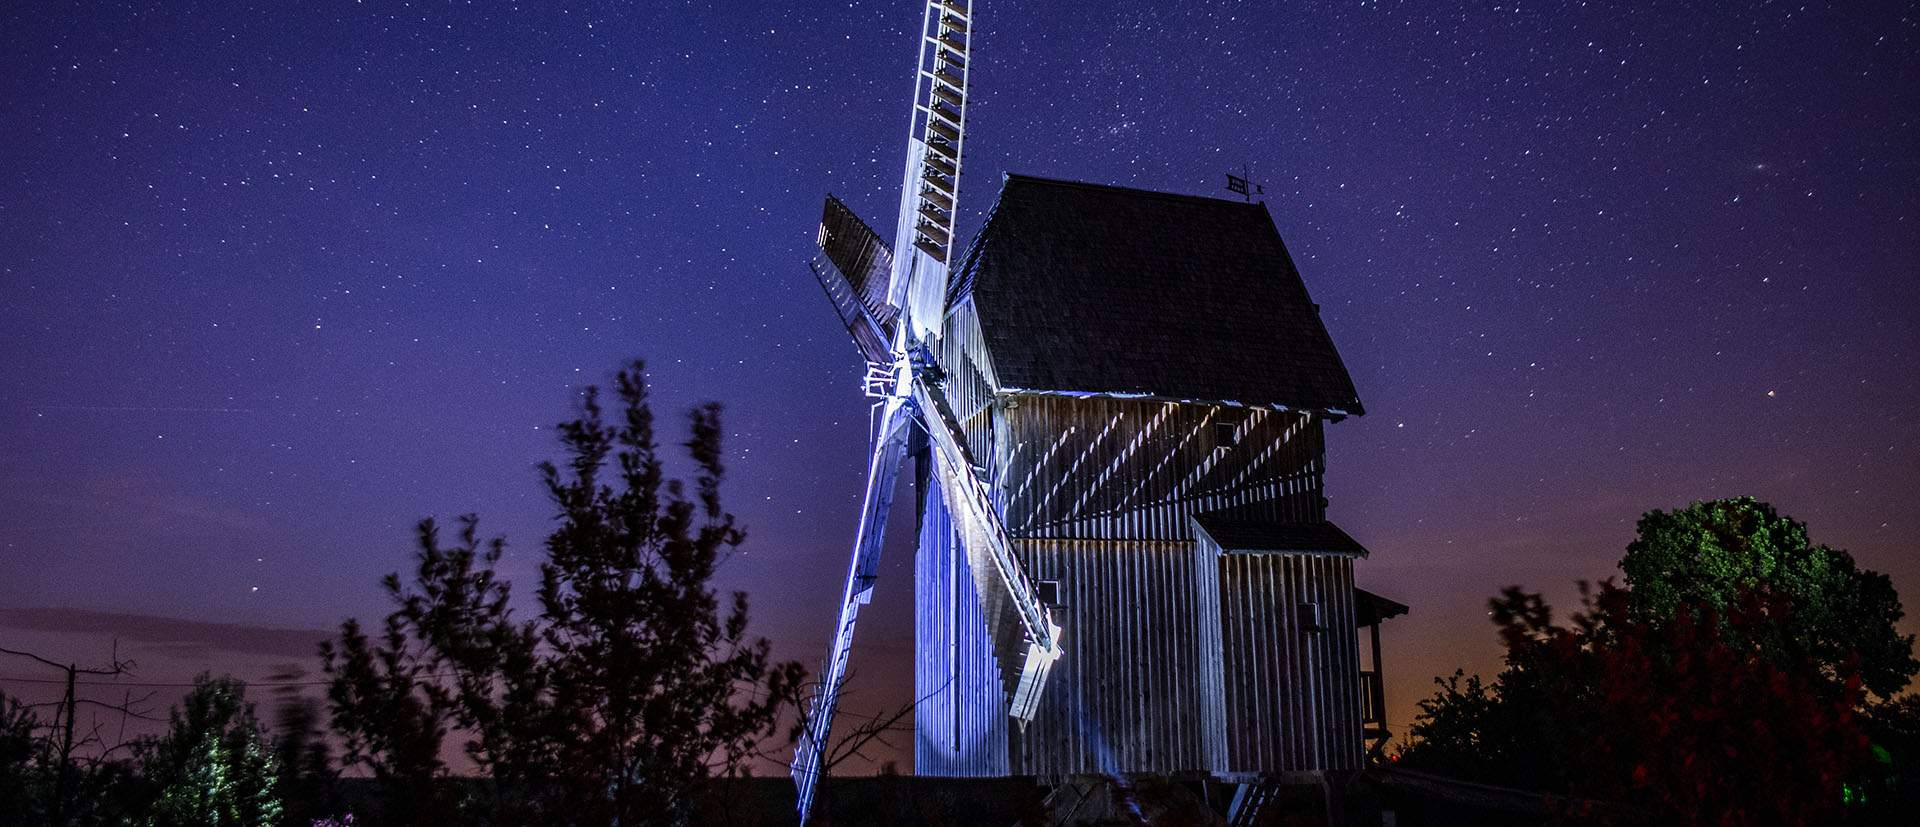 Nacht-Fotowalk Bockwindmühle Krippendorf